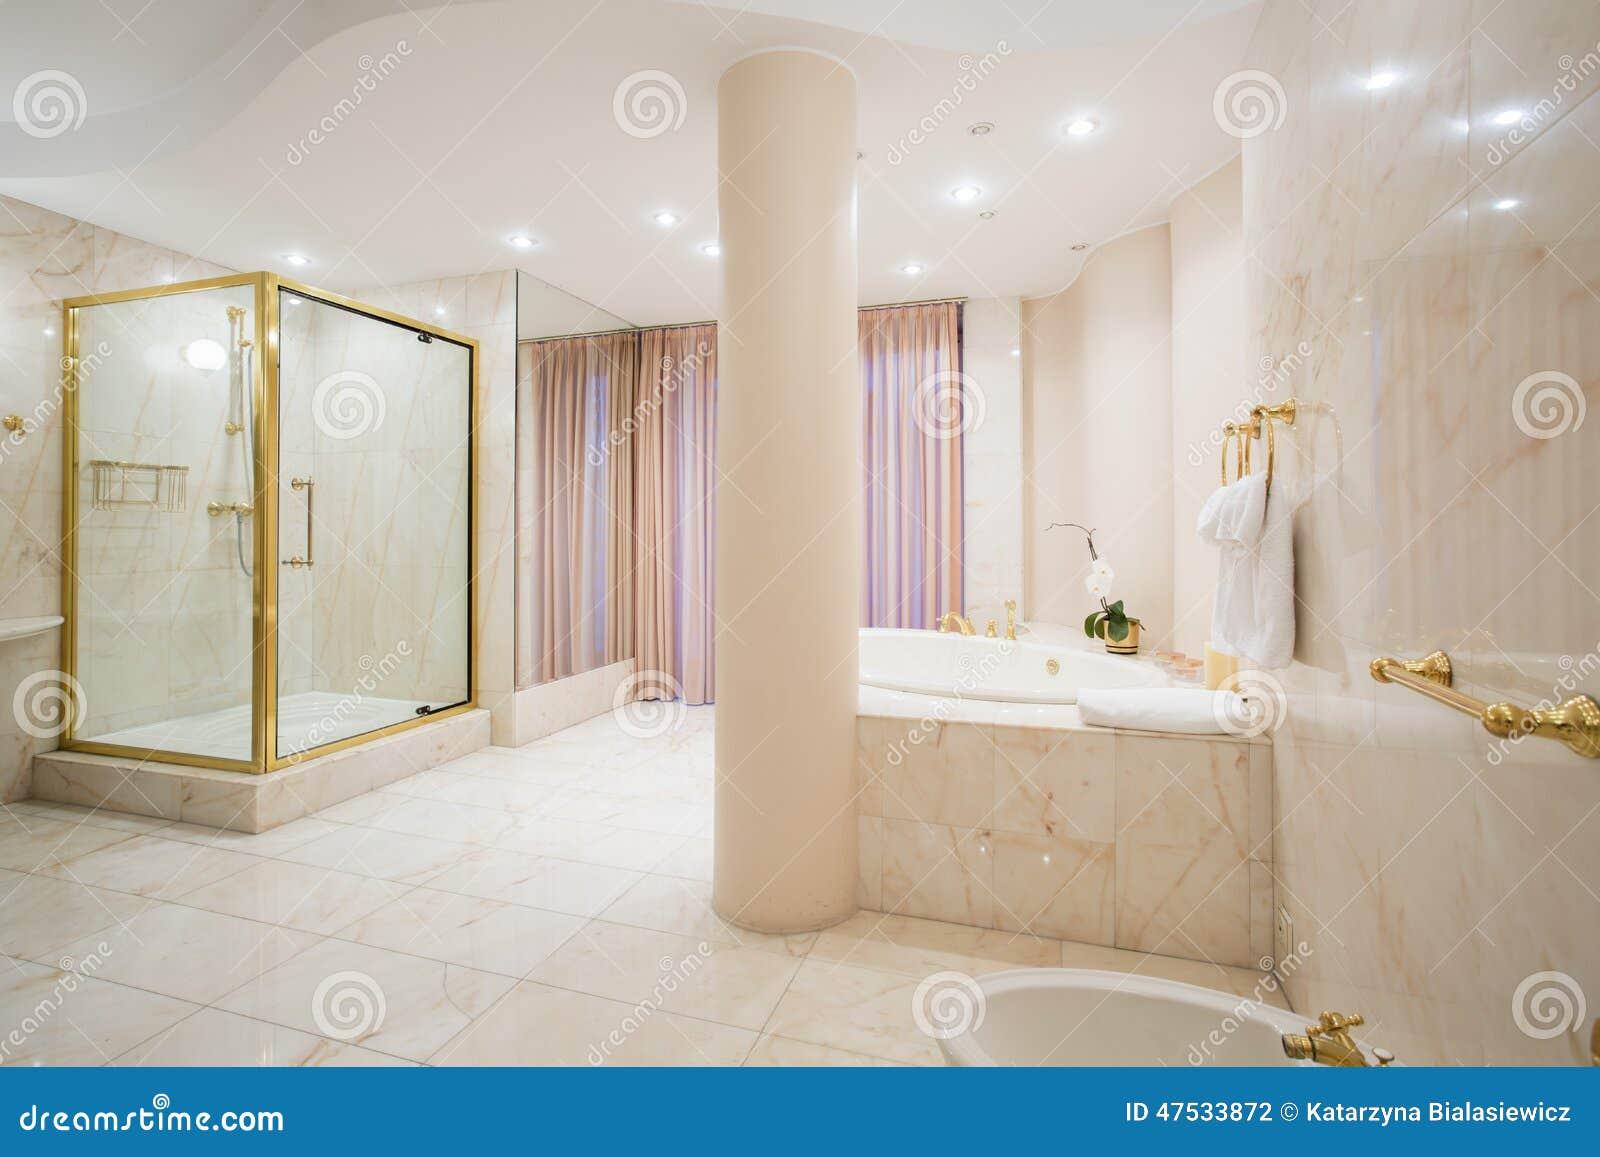 Luksusowa łazienka w pastelowych kolorach